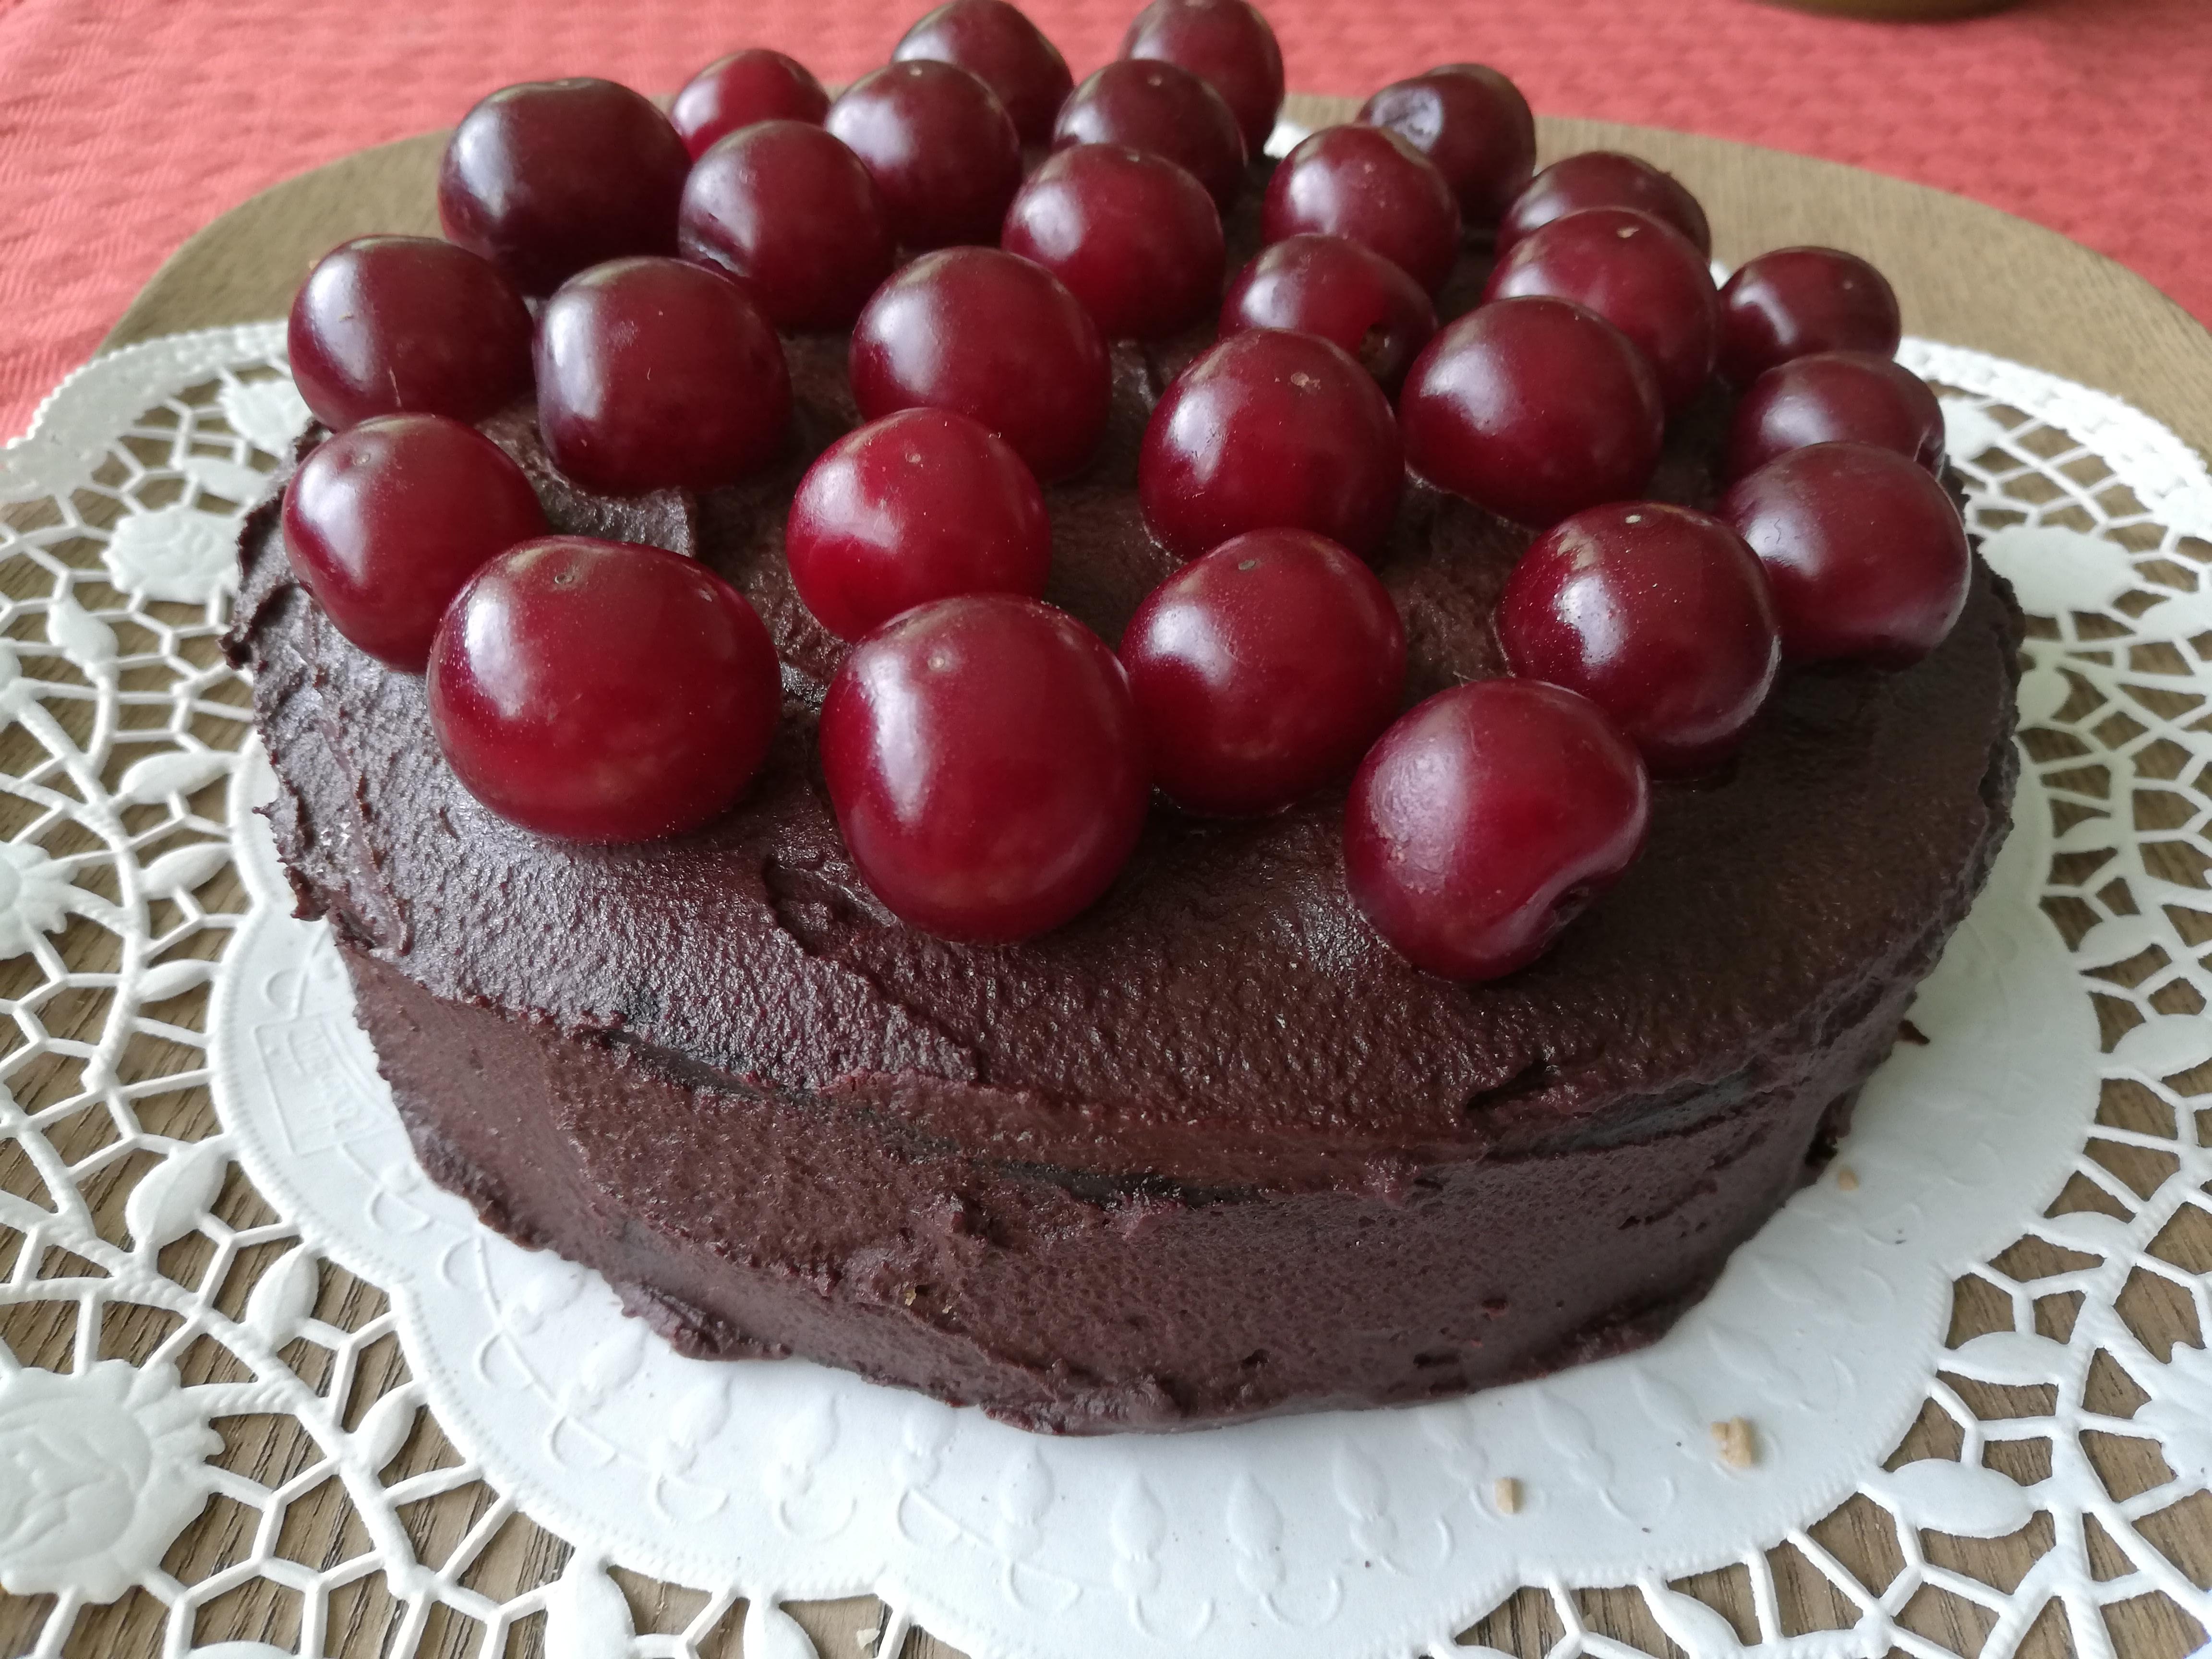 Šokolaadikook kirssidega - tõelistele šokolaadi fännidele